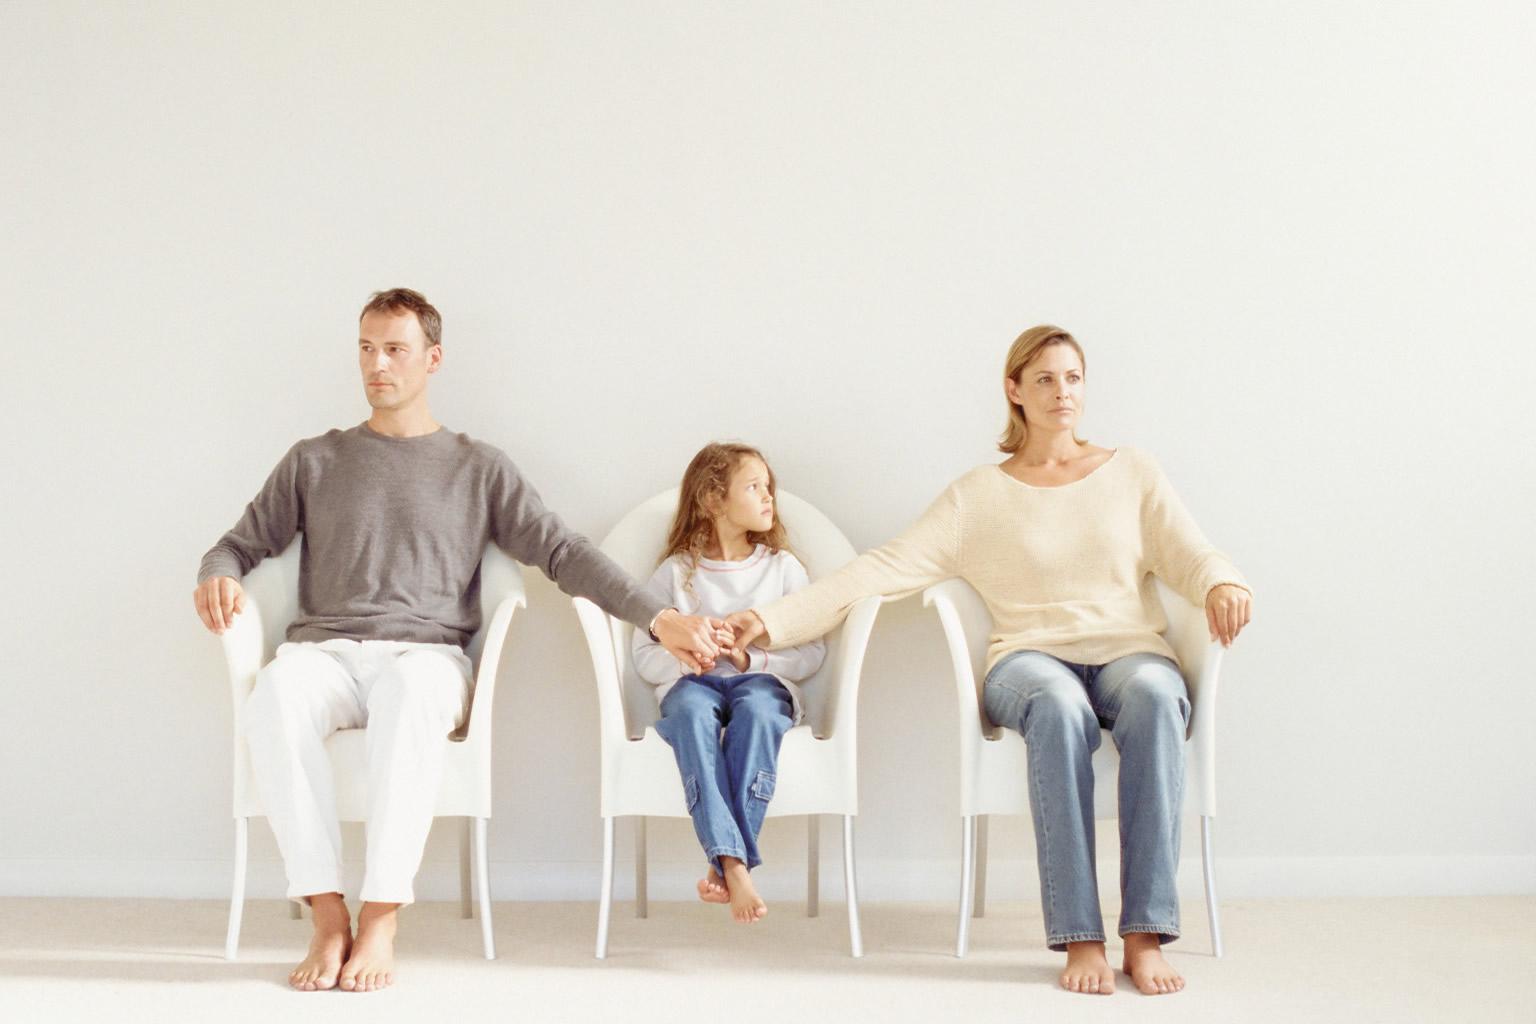 Abogados especialistas en divorcios, separaciones, custodias, pensión de alimentos